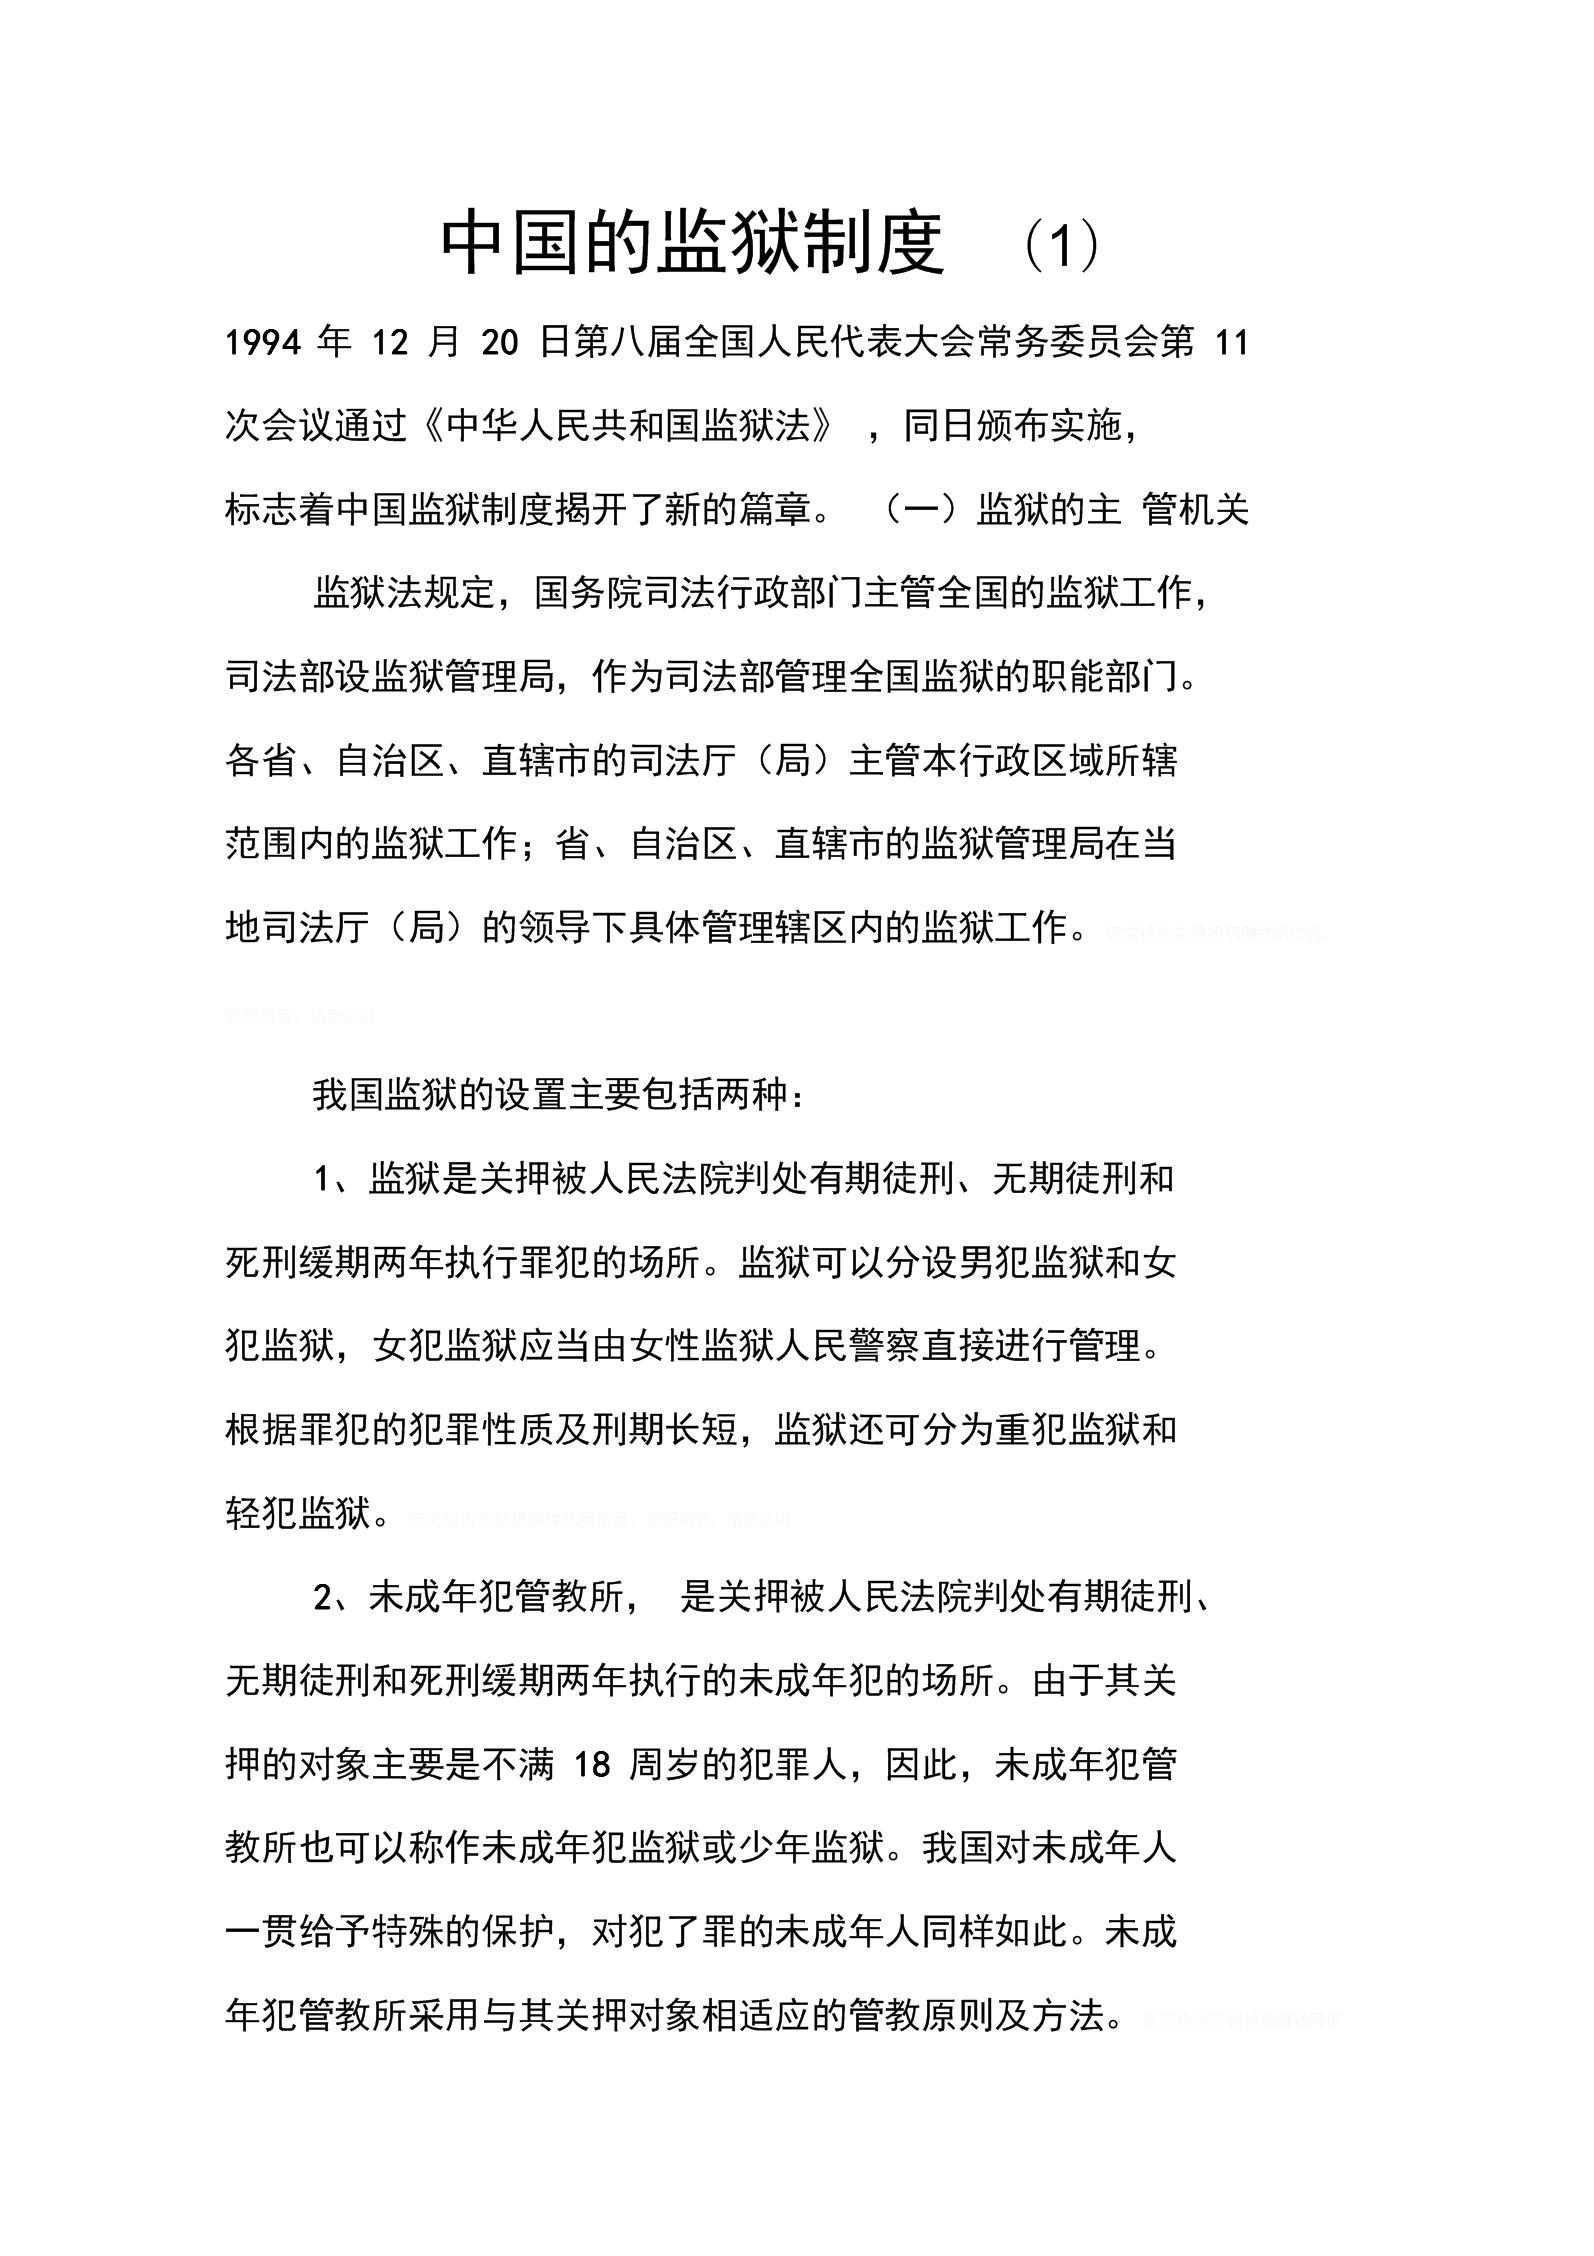 中国的监狱制度(1).docx